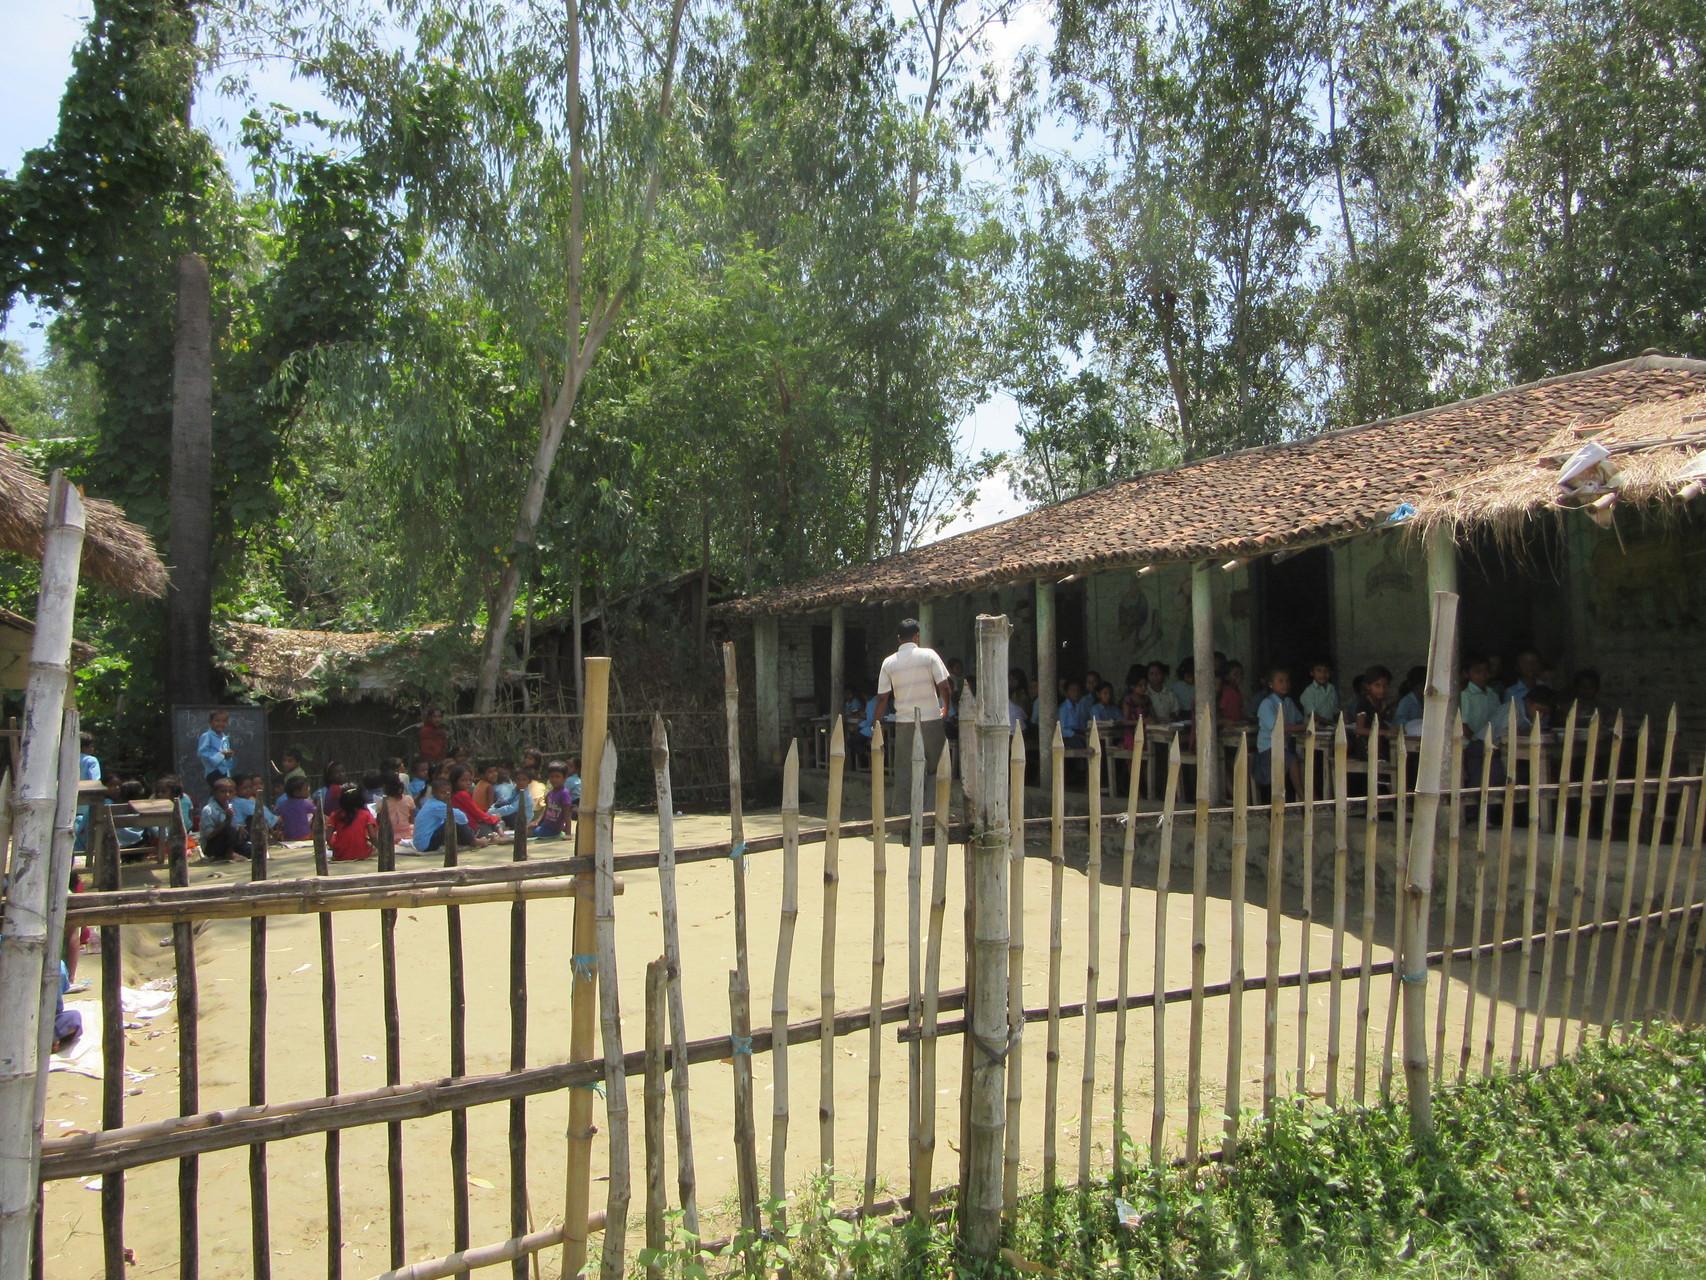 Die Grundschule in der Region Sarlahi, 12 Busstunden südlich von Kathmandu